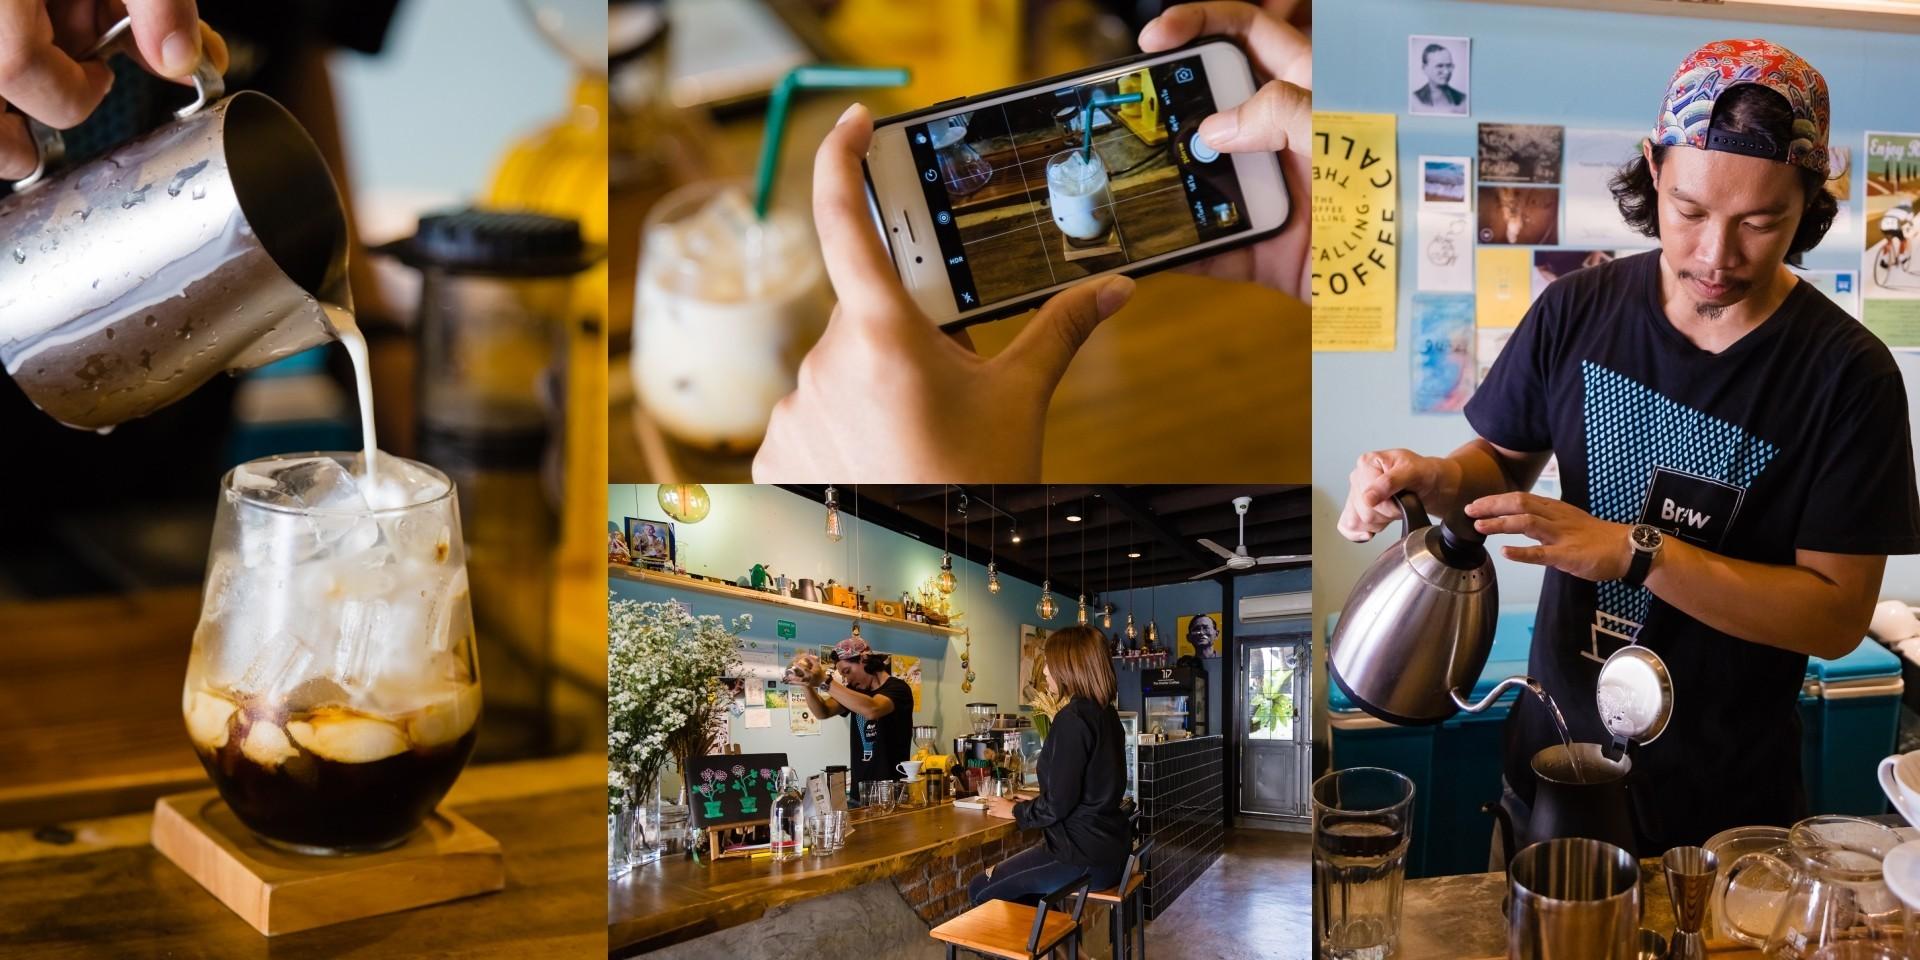 """ร้านกาแฟภูเก็ต บาริสต้าดีกรีแชมป์ประเทศไทย """"The Shelter Coffee"""" ภูเก็ต"""